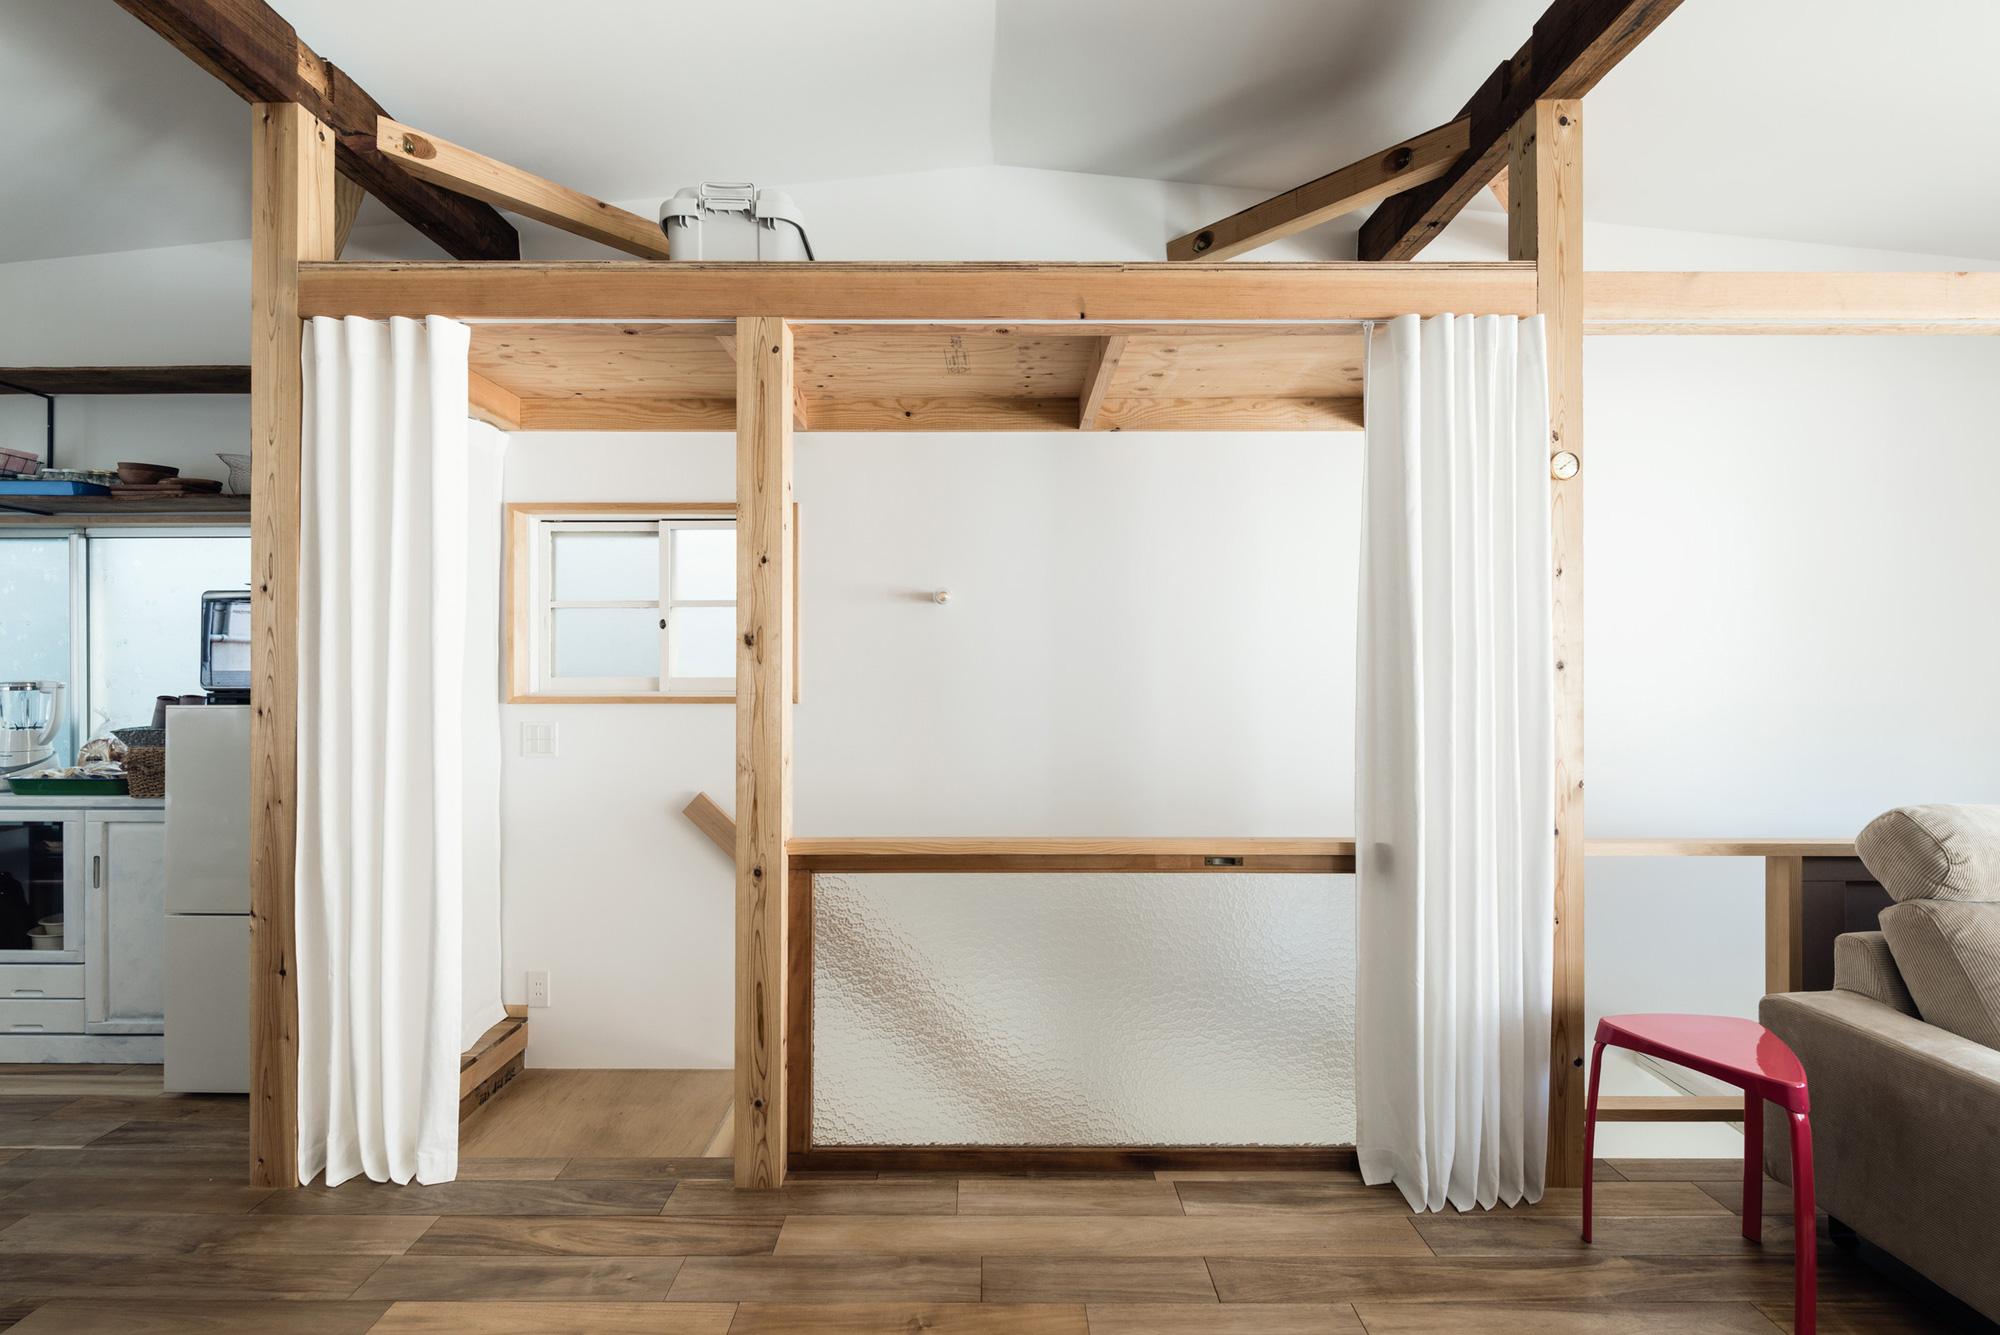 Re-Toyosaki / Coil Kazuteru Matumura Architects (14)